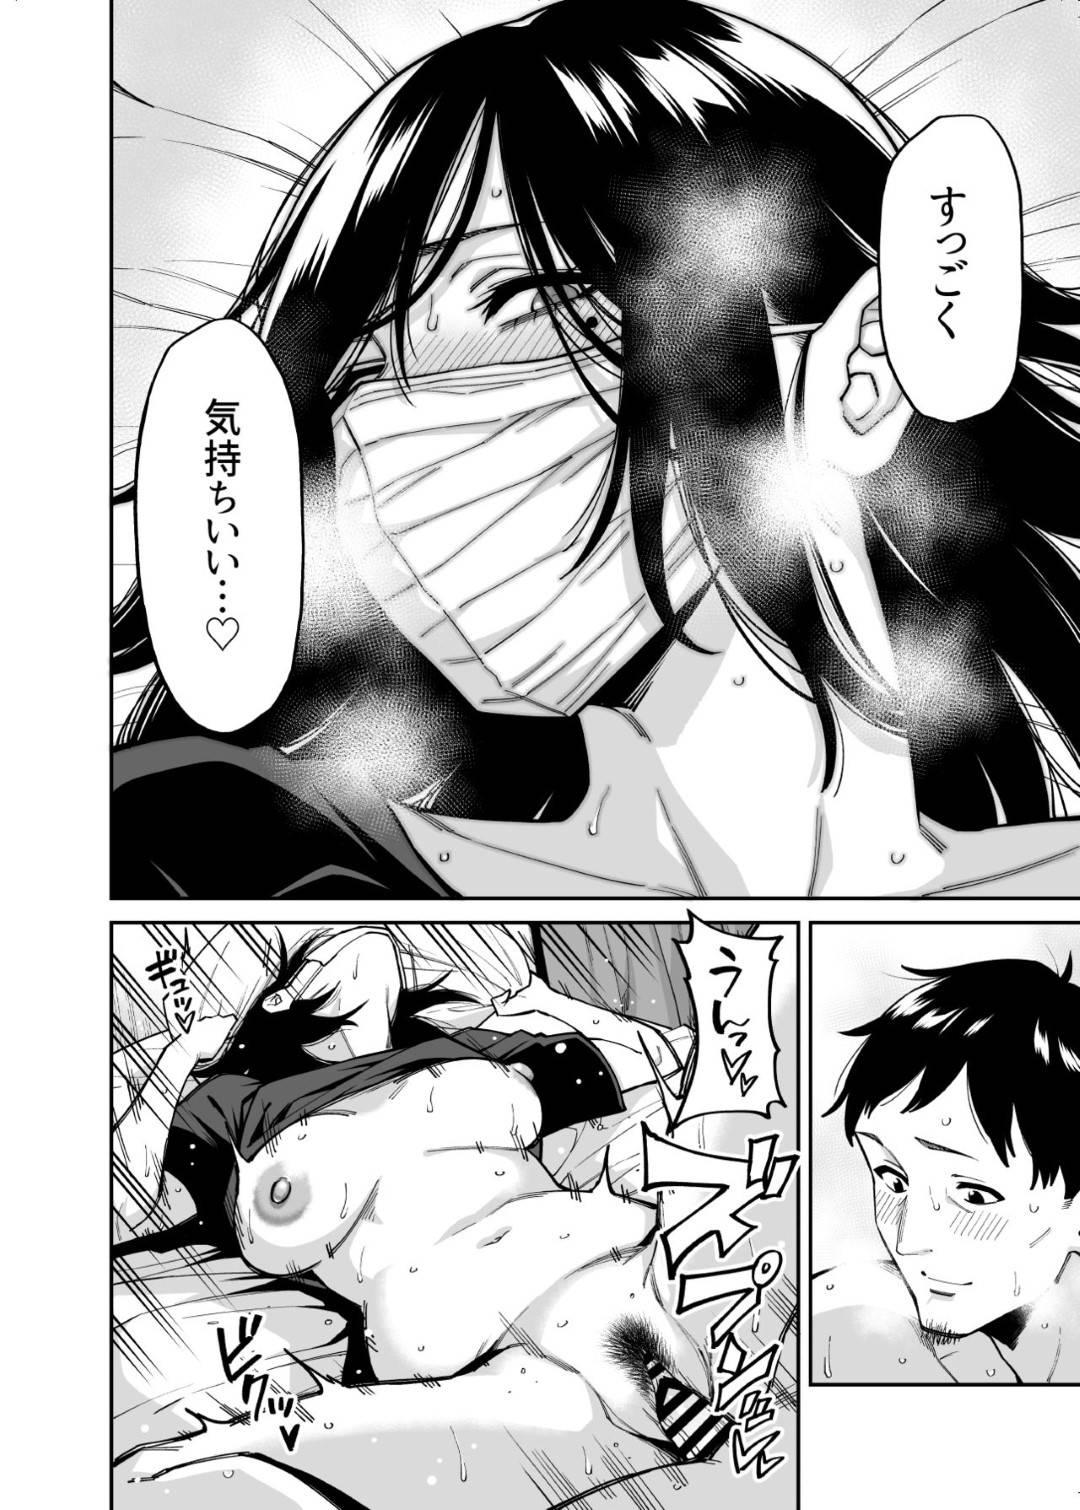 【エロ漫画】家出しているところを通りがかったおじさんに拾われた巨乳無口なJK…彼女は泊めてもらった借りを返そうと彼にマスクをした状態でフェラをして大量射精させる。さらにはそれだけで物足りない彼女は騎乗位で生挿入セックスまでしてしまう!【宇宙船庄司号:拾われた女の子とおじさんの話】